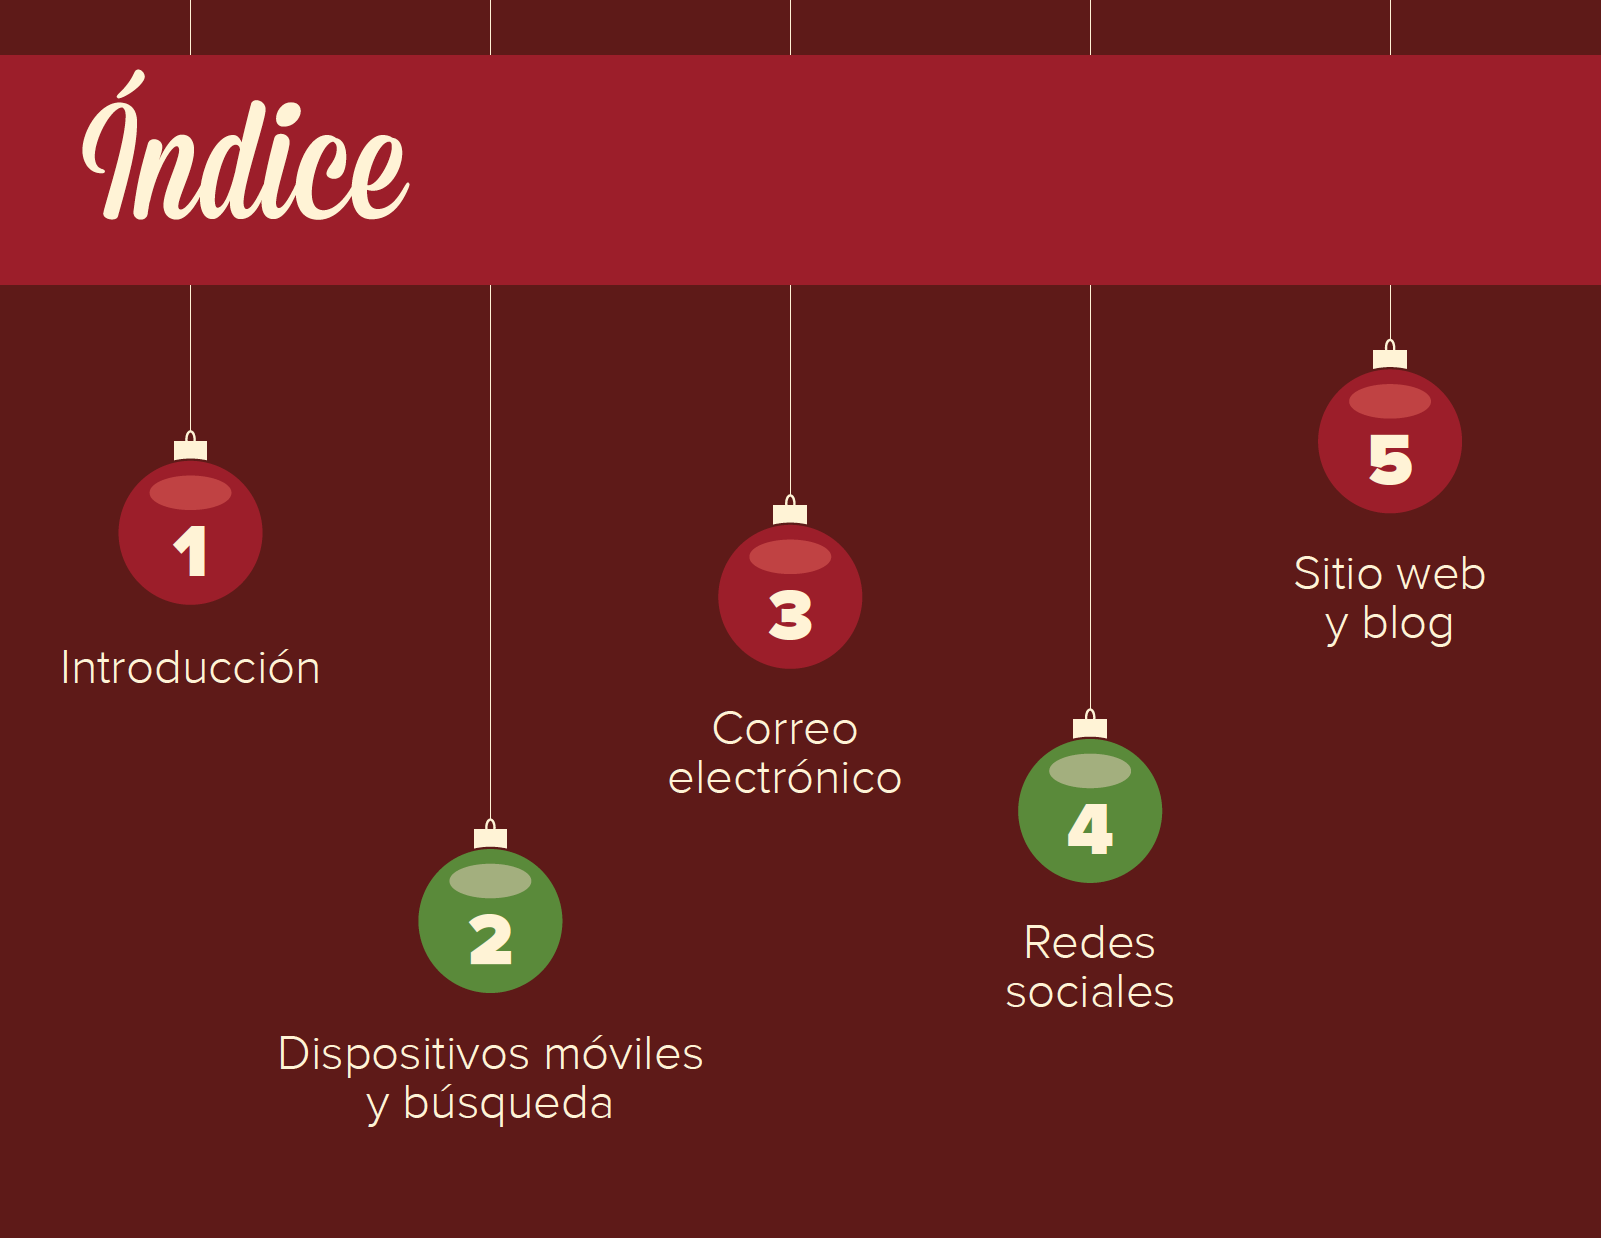 Tendencias de la temporada navideña